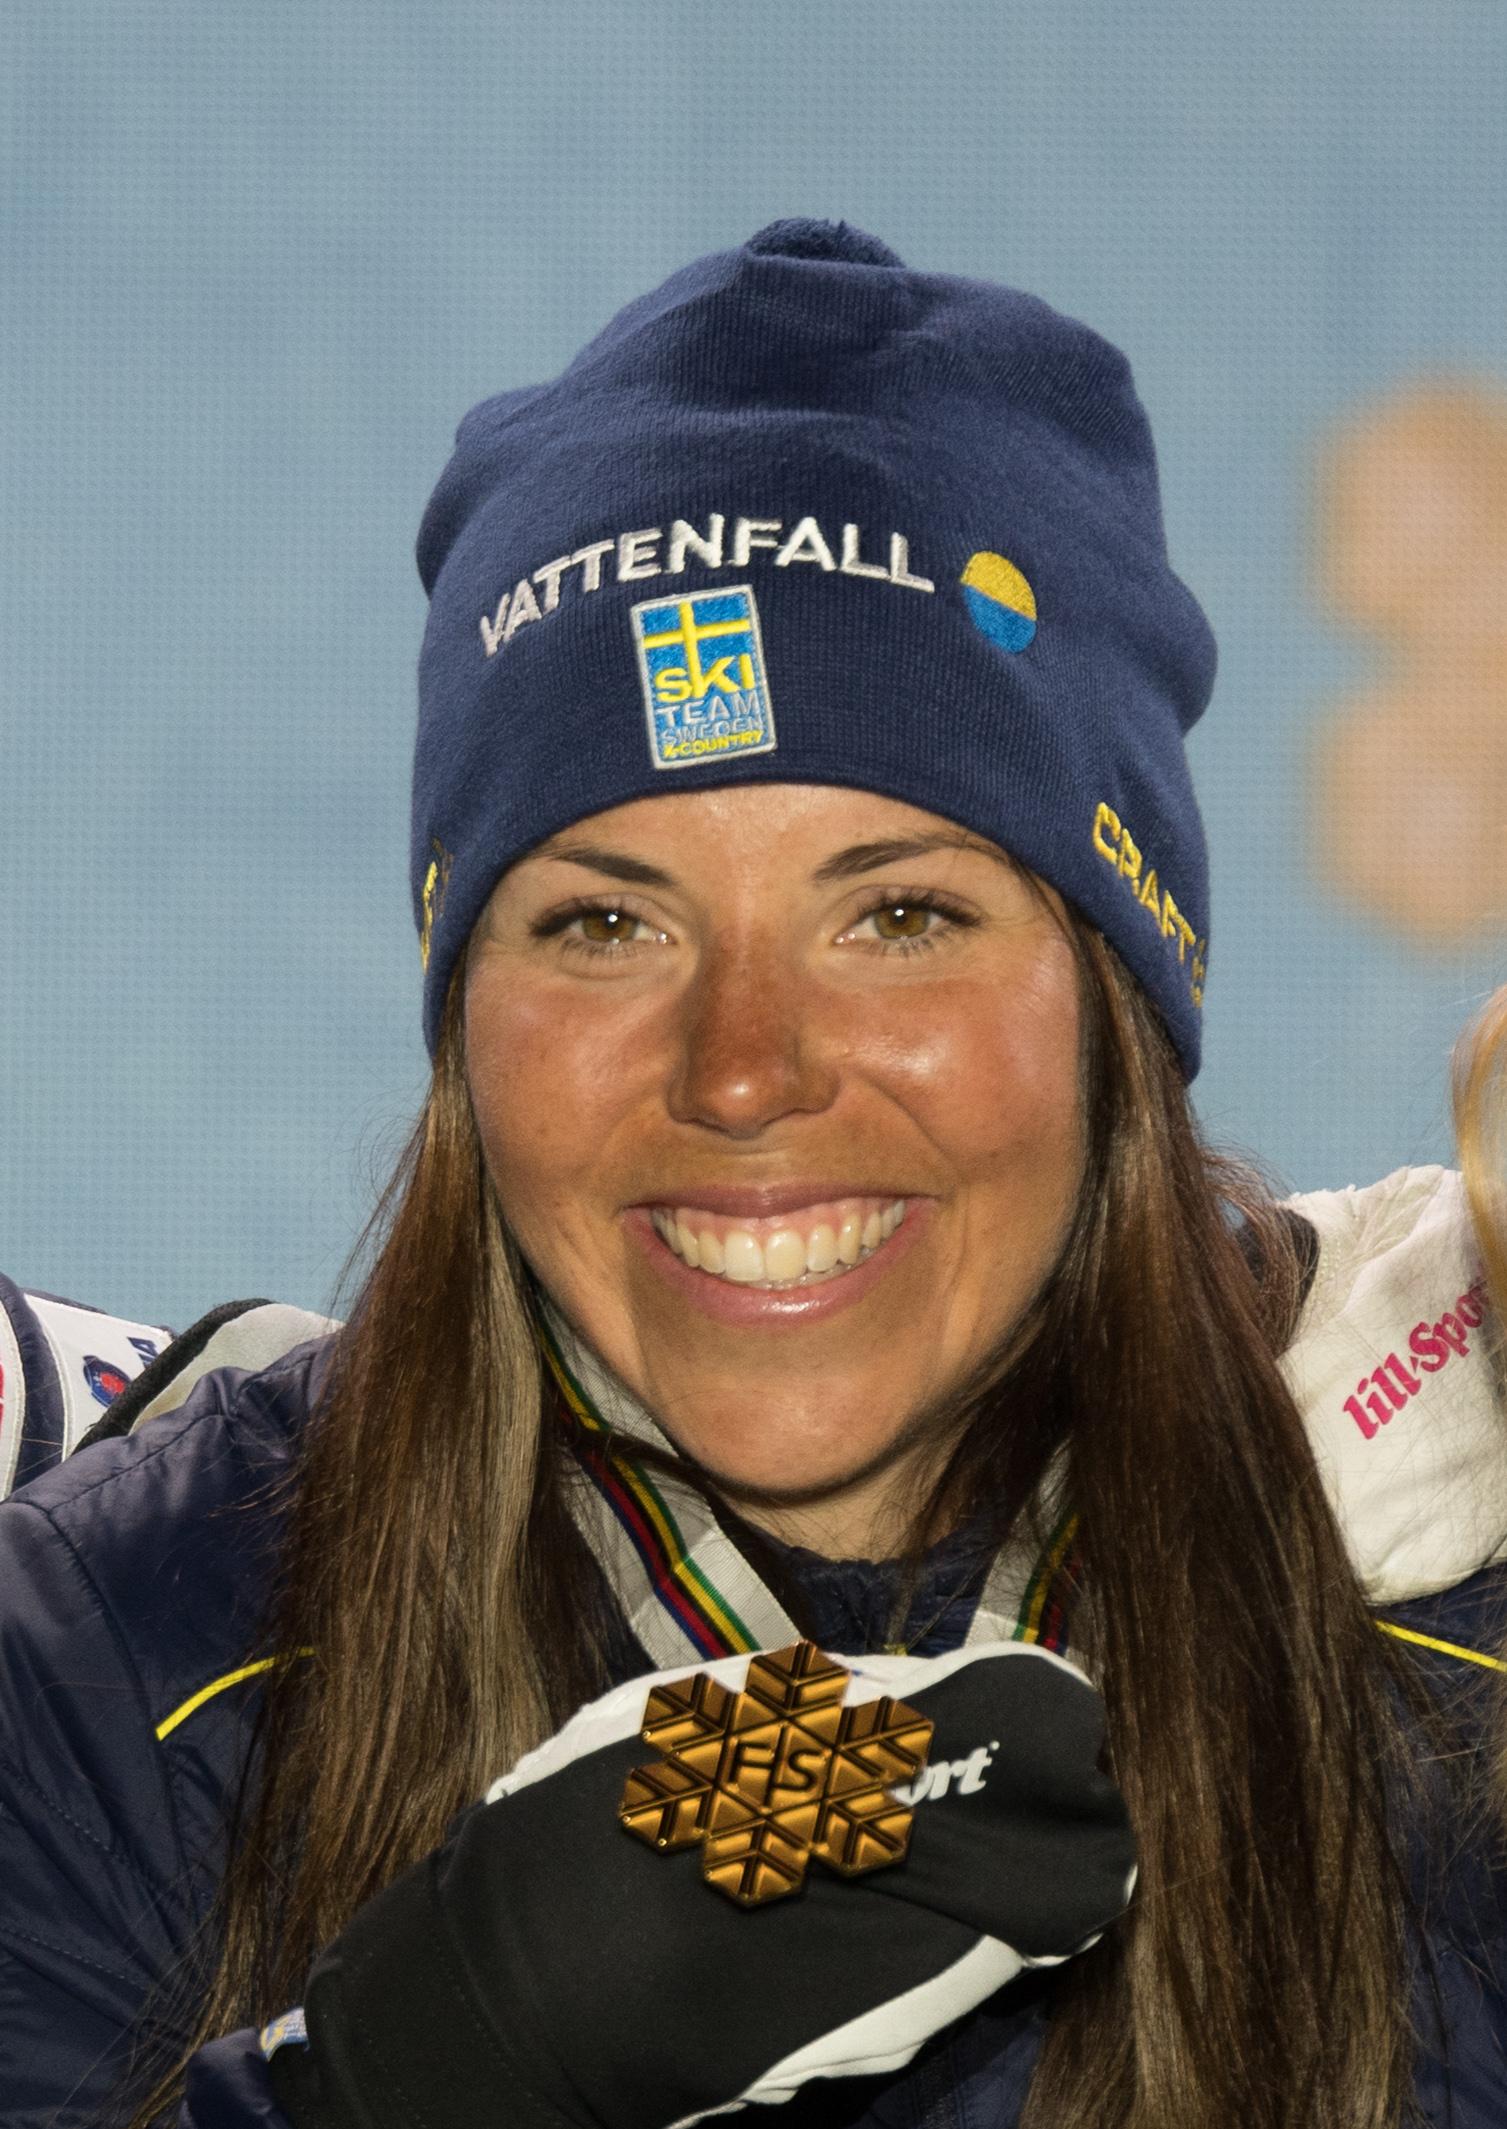 14661e8b708 File 20190228 FIS NWSC Seefeld Medal Ceremony Team Sweden 850 5895  Charlotte Kalla.jpg